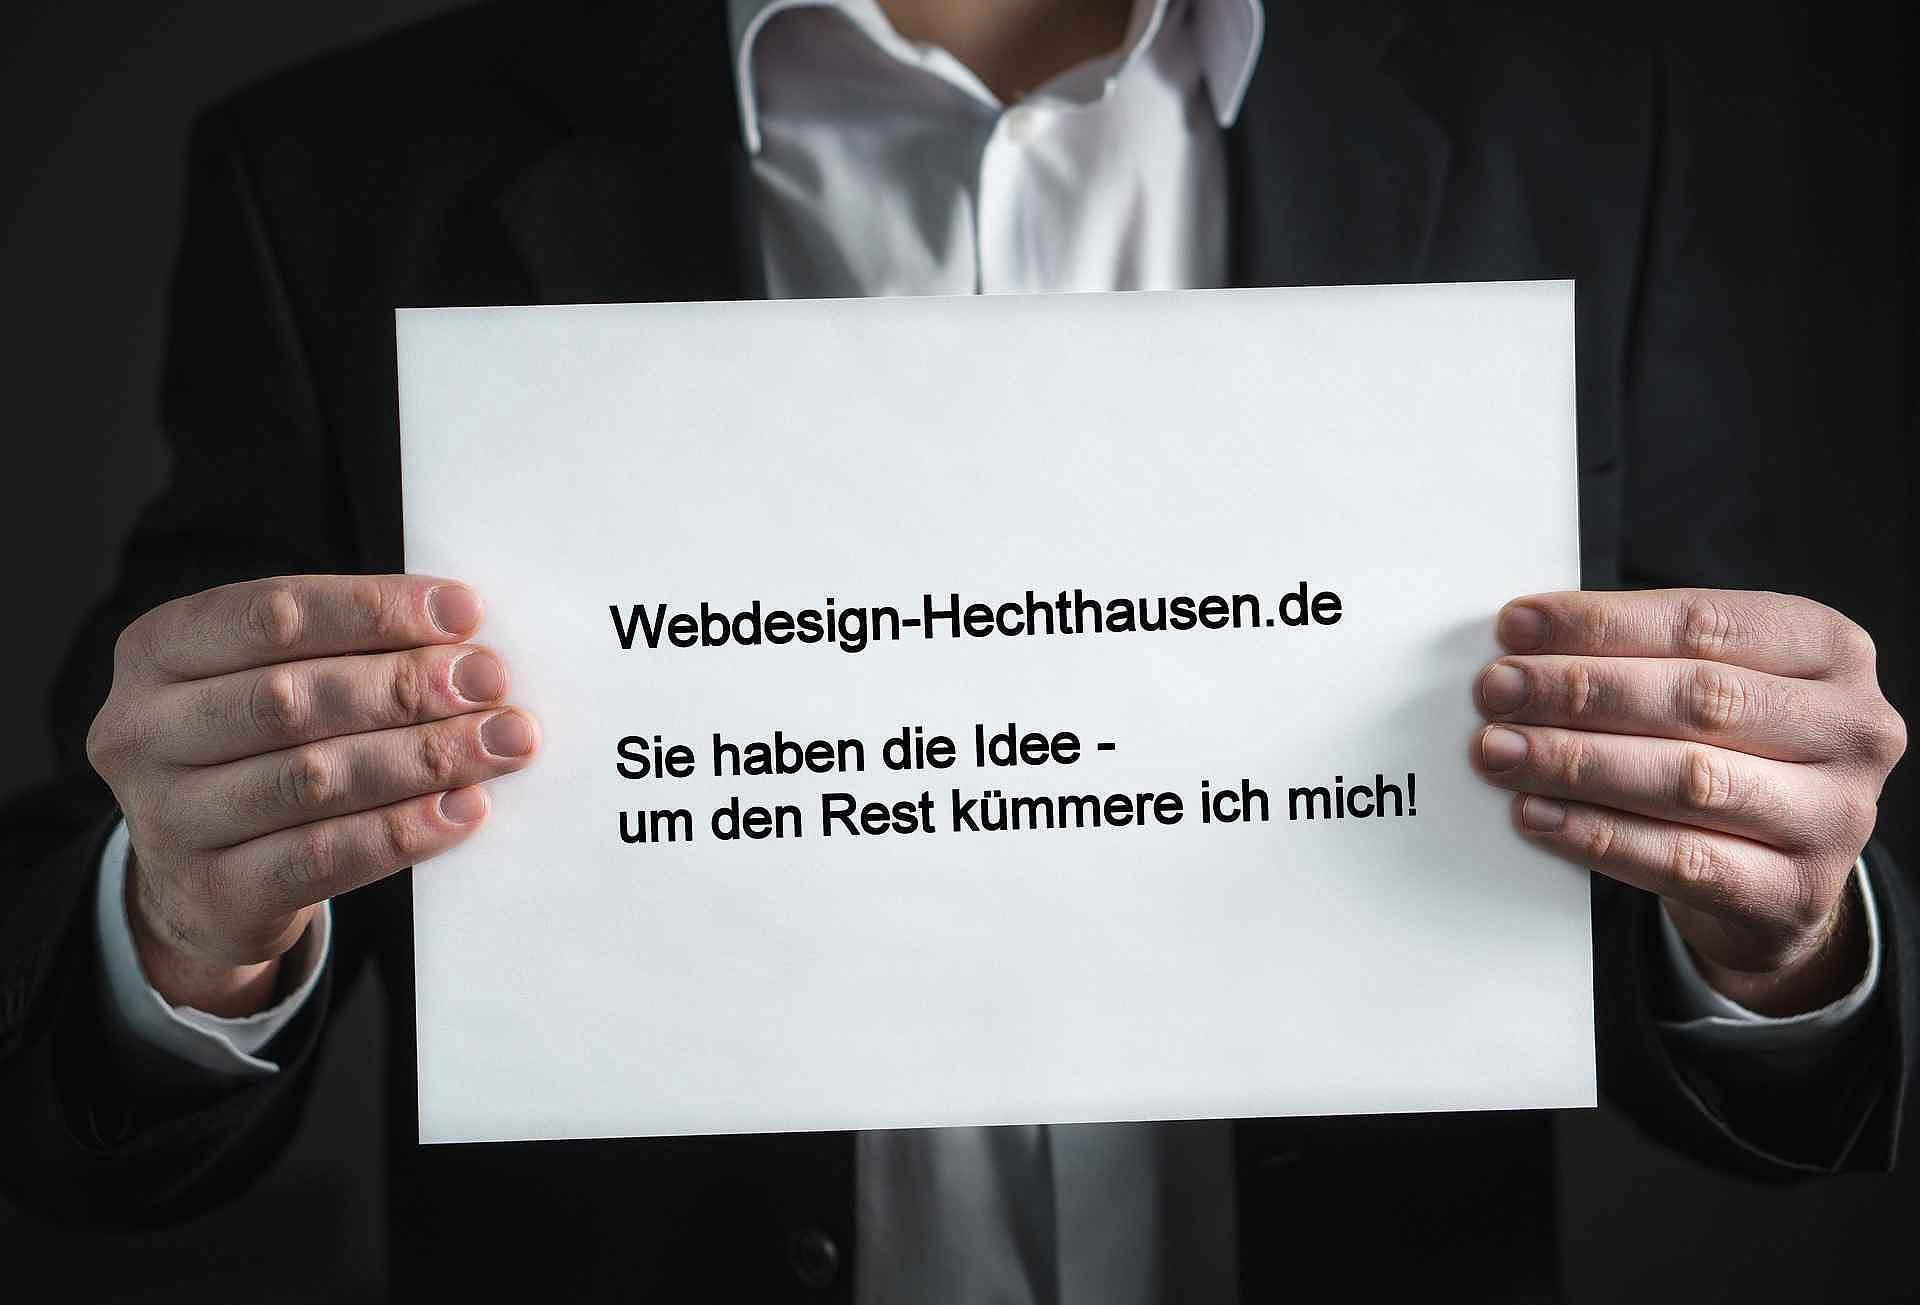 Webdesign-Hechthausen